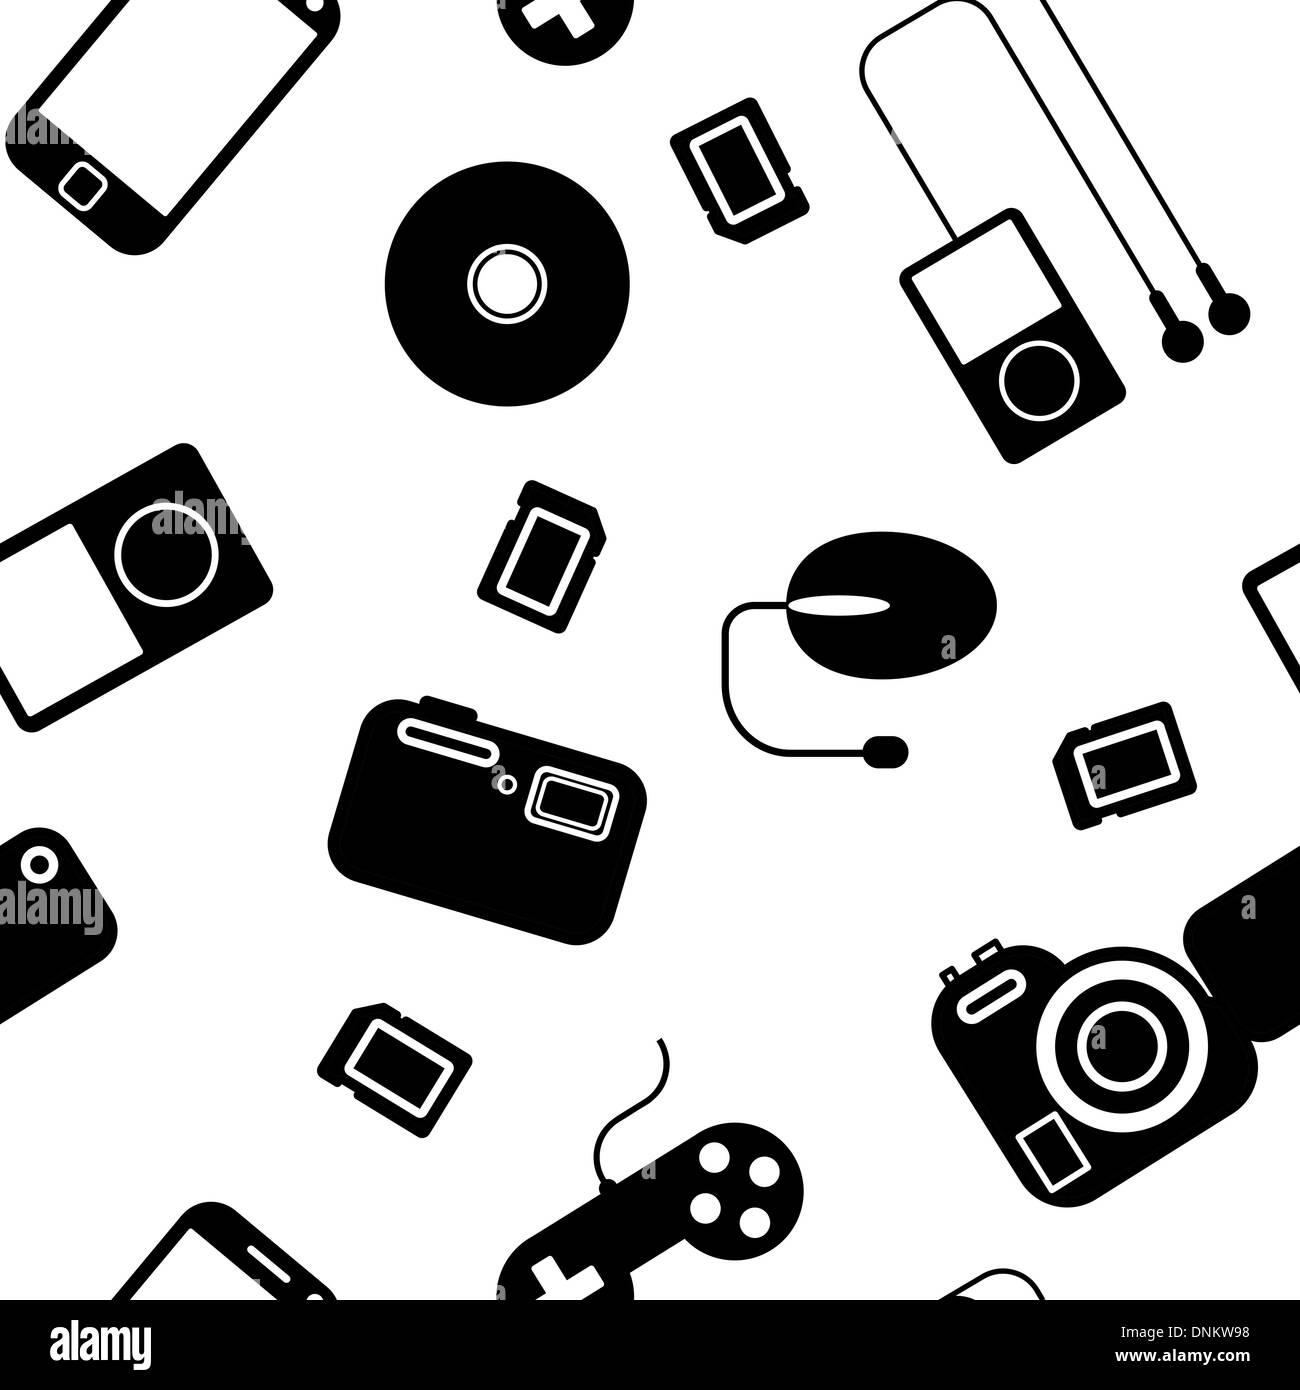 Fond transparent avec l'icône de gadgets électroniques. Peut être utilisé comme fond d'écran transparent, du textile, du papier d'emballage ou d'arrière-plan Photo Stock